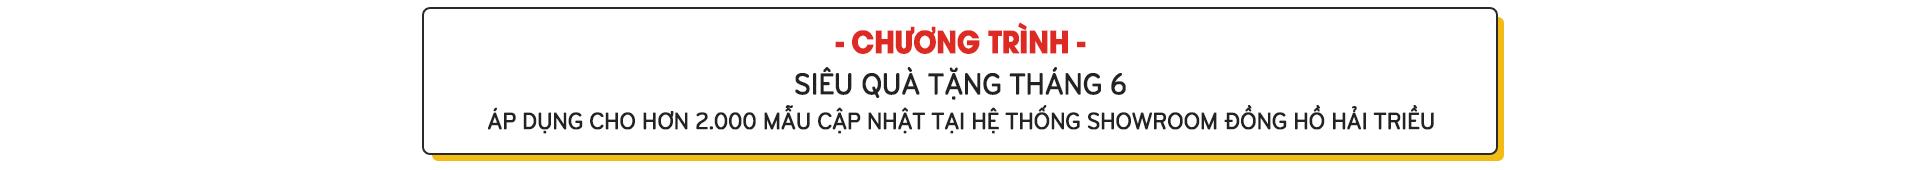 luu y chuong trinh mua 1 tang 10 mobi